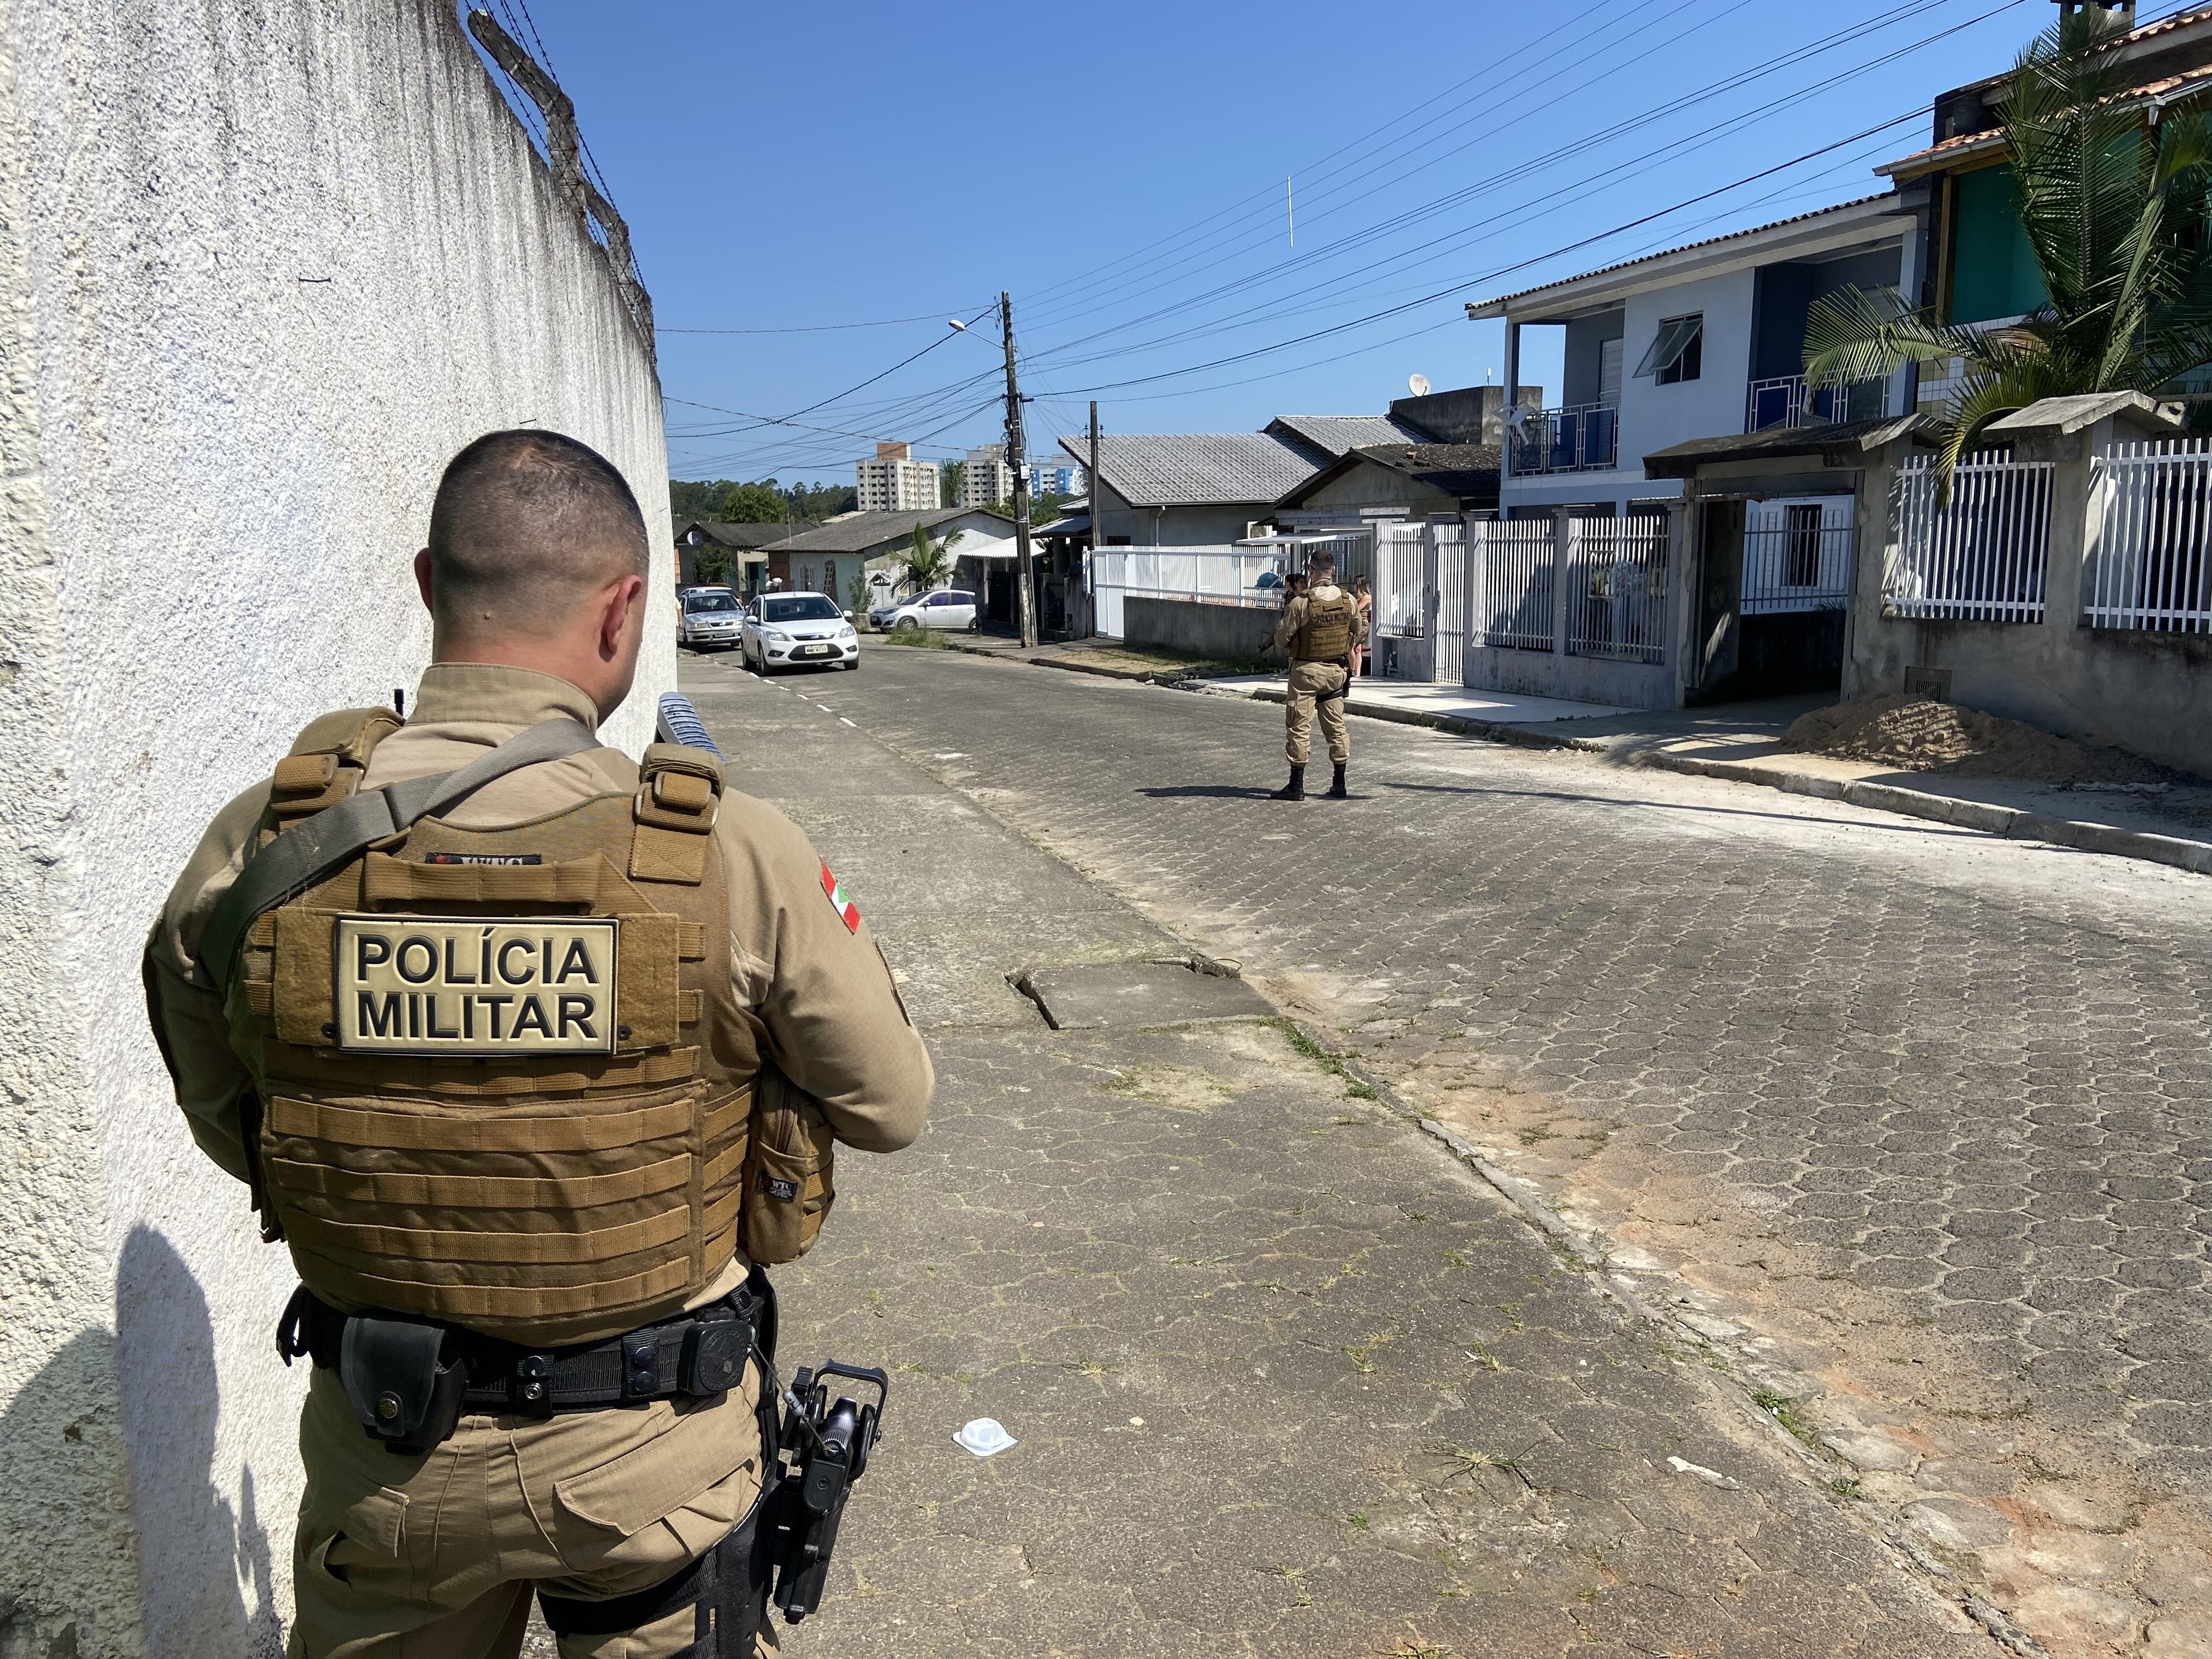 Em andamento: homem é atingido por disparos de arma de fogo no bairro Linha Batista, em Criciúma